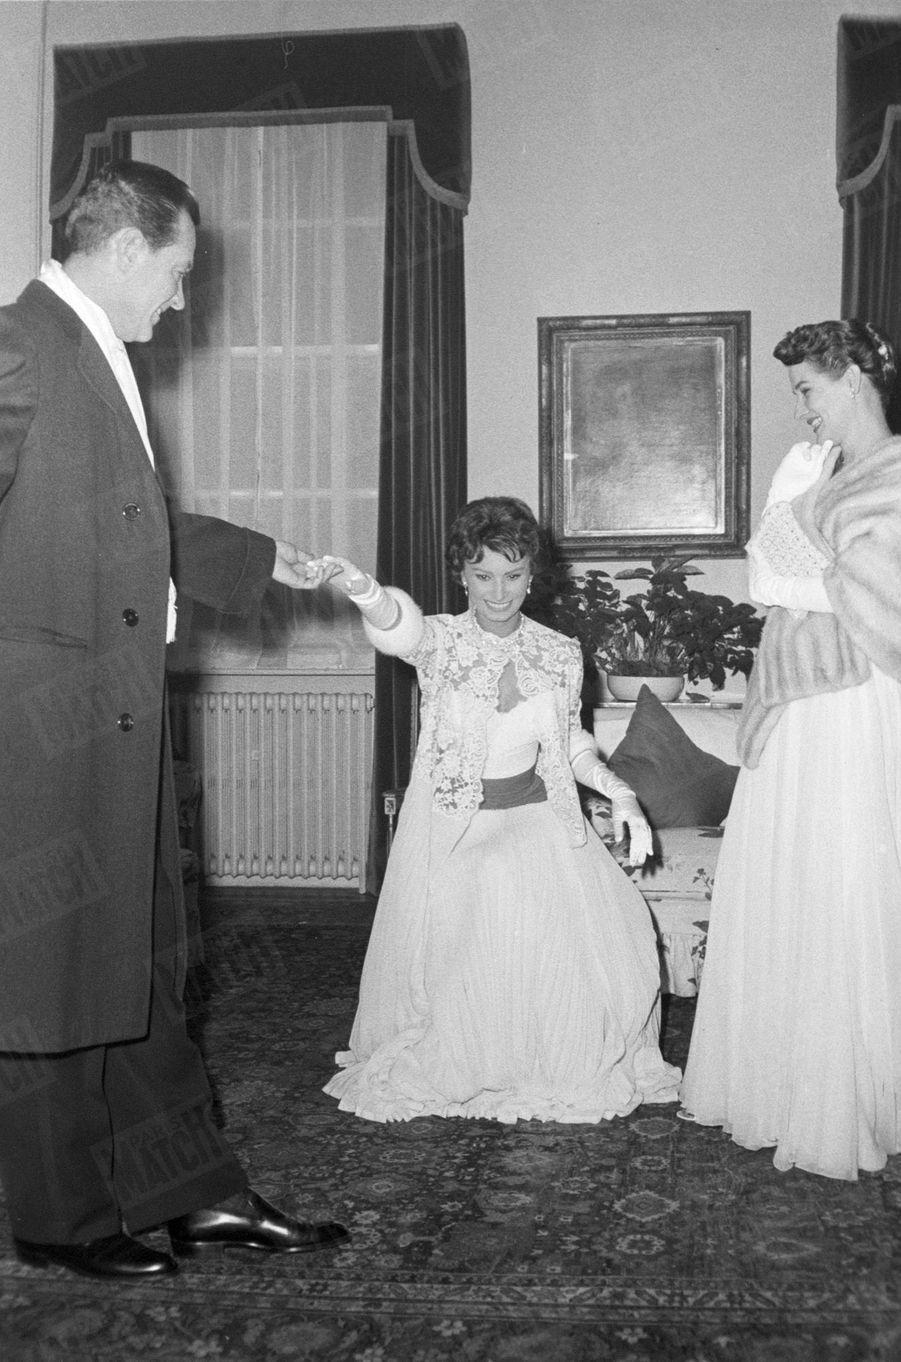 «Les épaules couvertes de sa modestie, Sophia répète. Bientôt elle verra la reine. » - Paris Match n°449, 16 novembre 1957